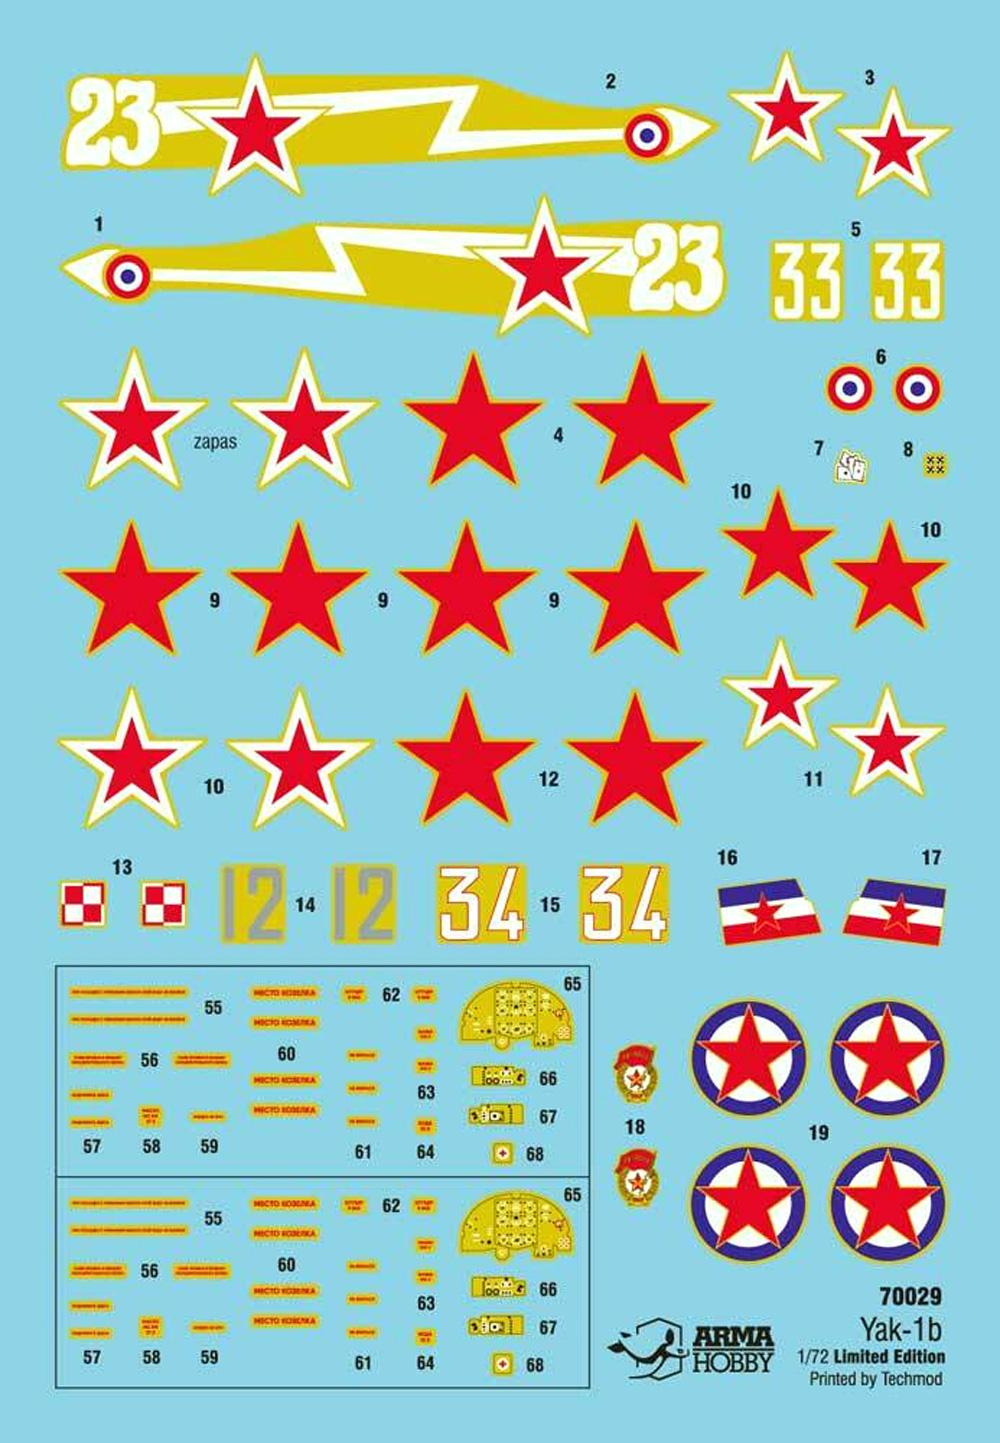 ヤコヴレフ Yak-1b 連合軍 リミテッドエディションプラモデル(アルマホビー1/72 エアクラフト プラモデルNo.70029)商品画像_1